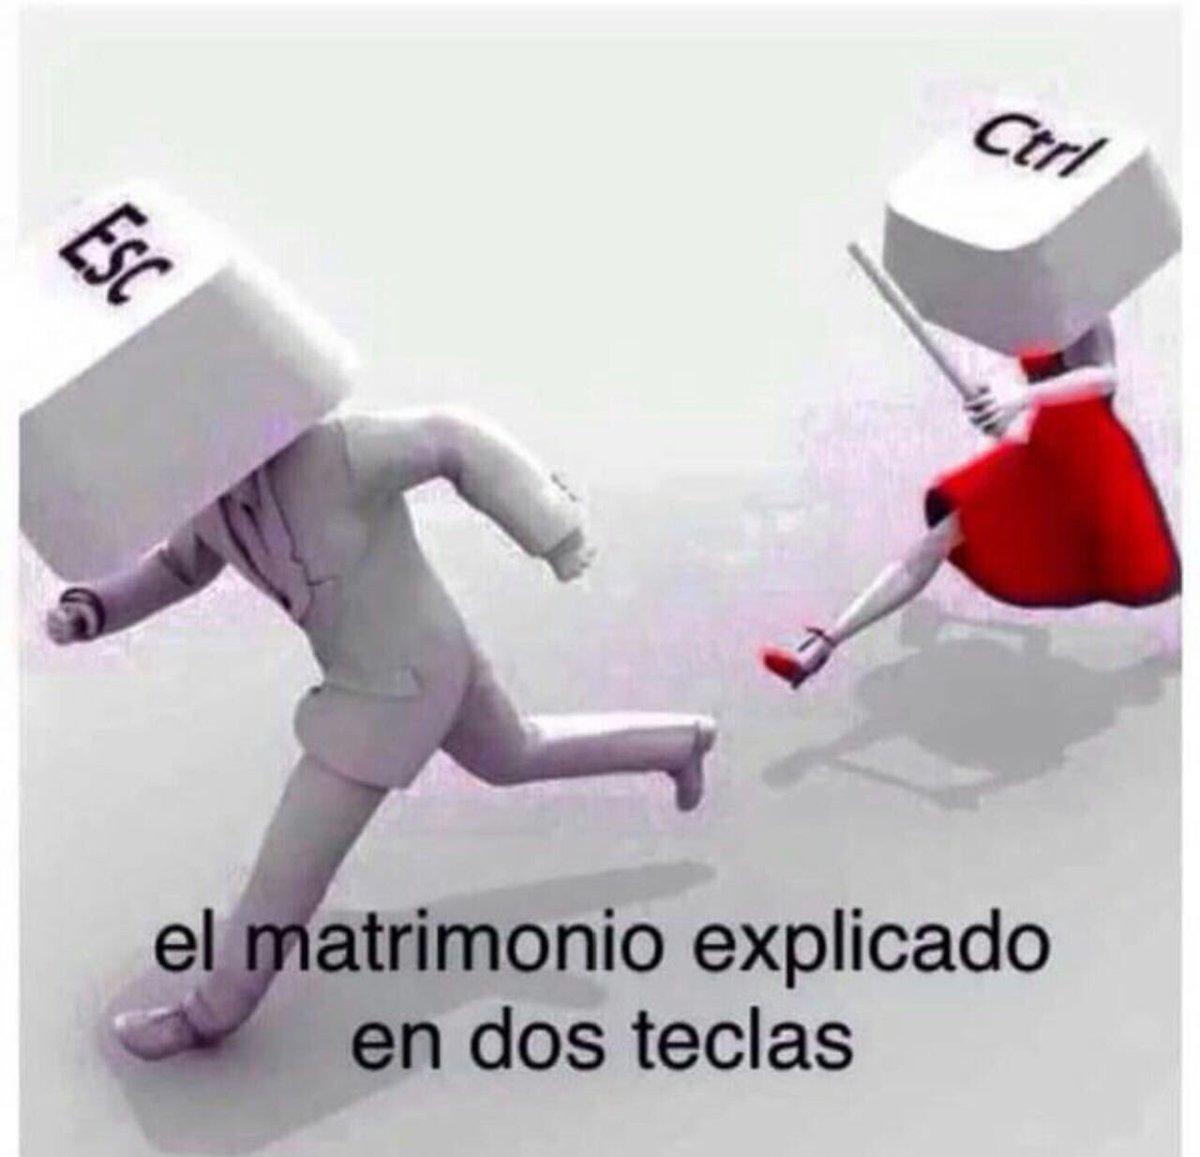 @jesikACampo sera verdad???? #MujerCasos...